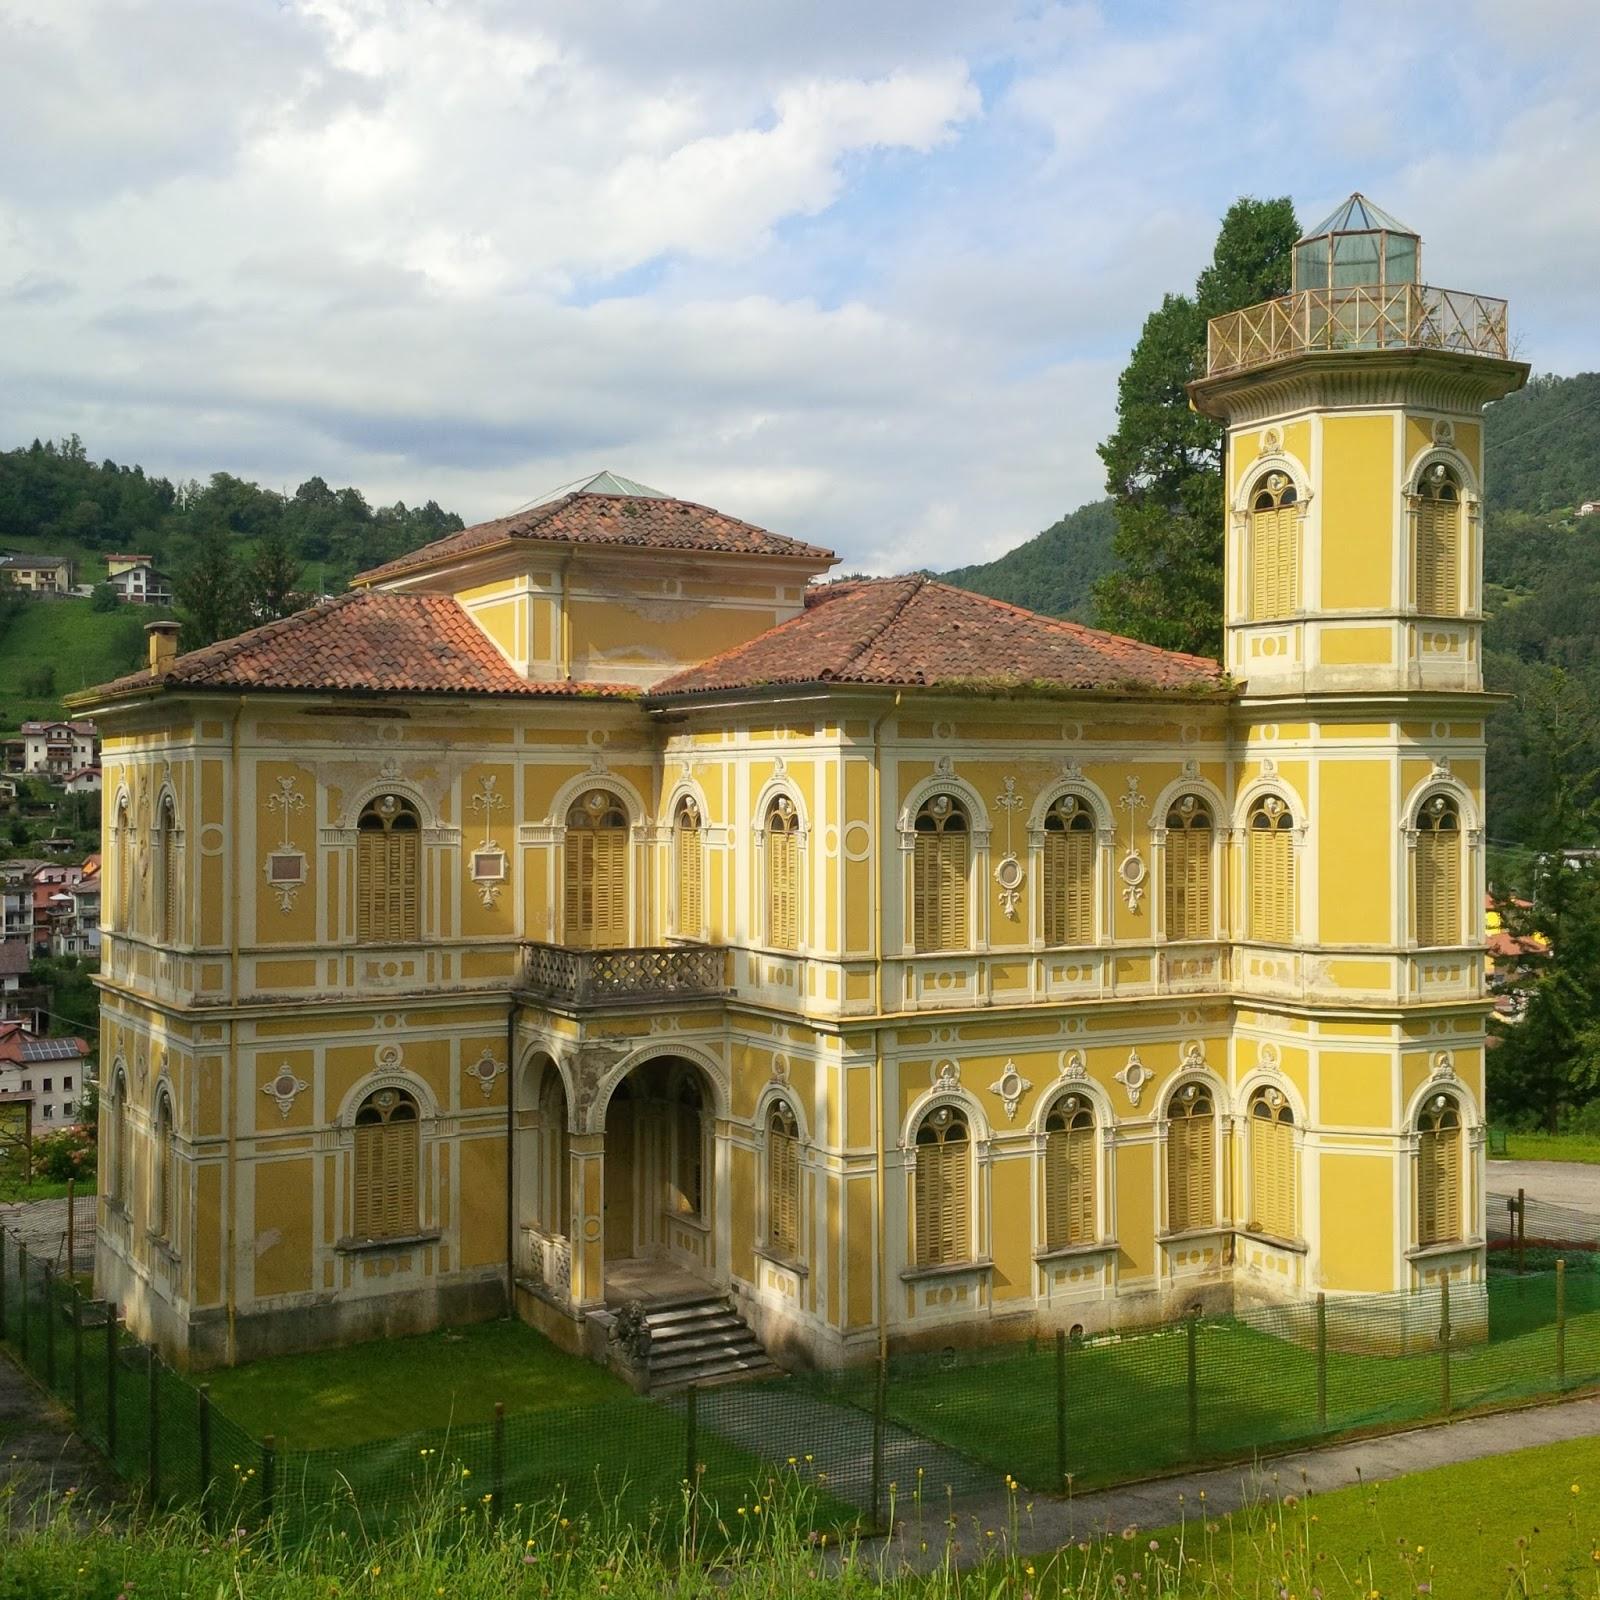 A villa in Recoaro Terme, Veneto, Italy - www.rossiwrites.com